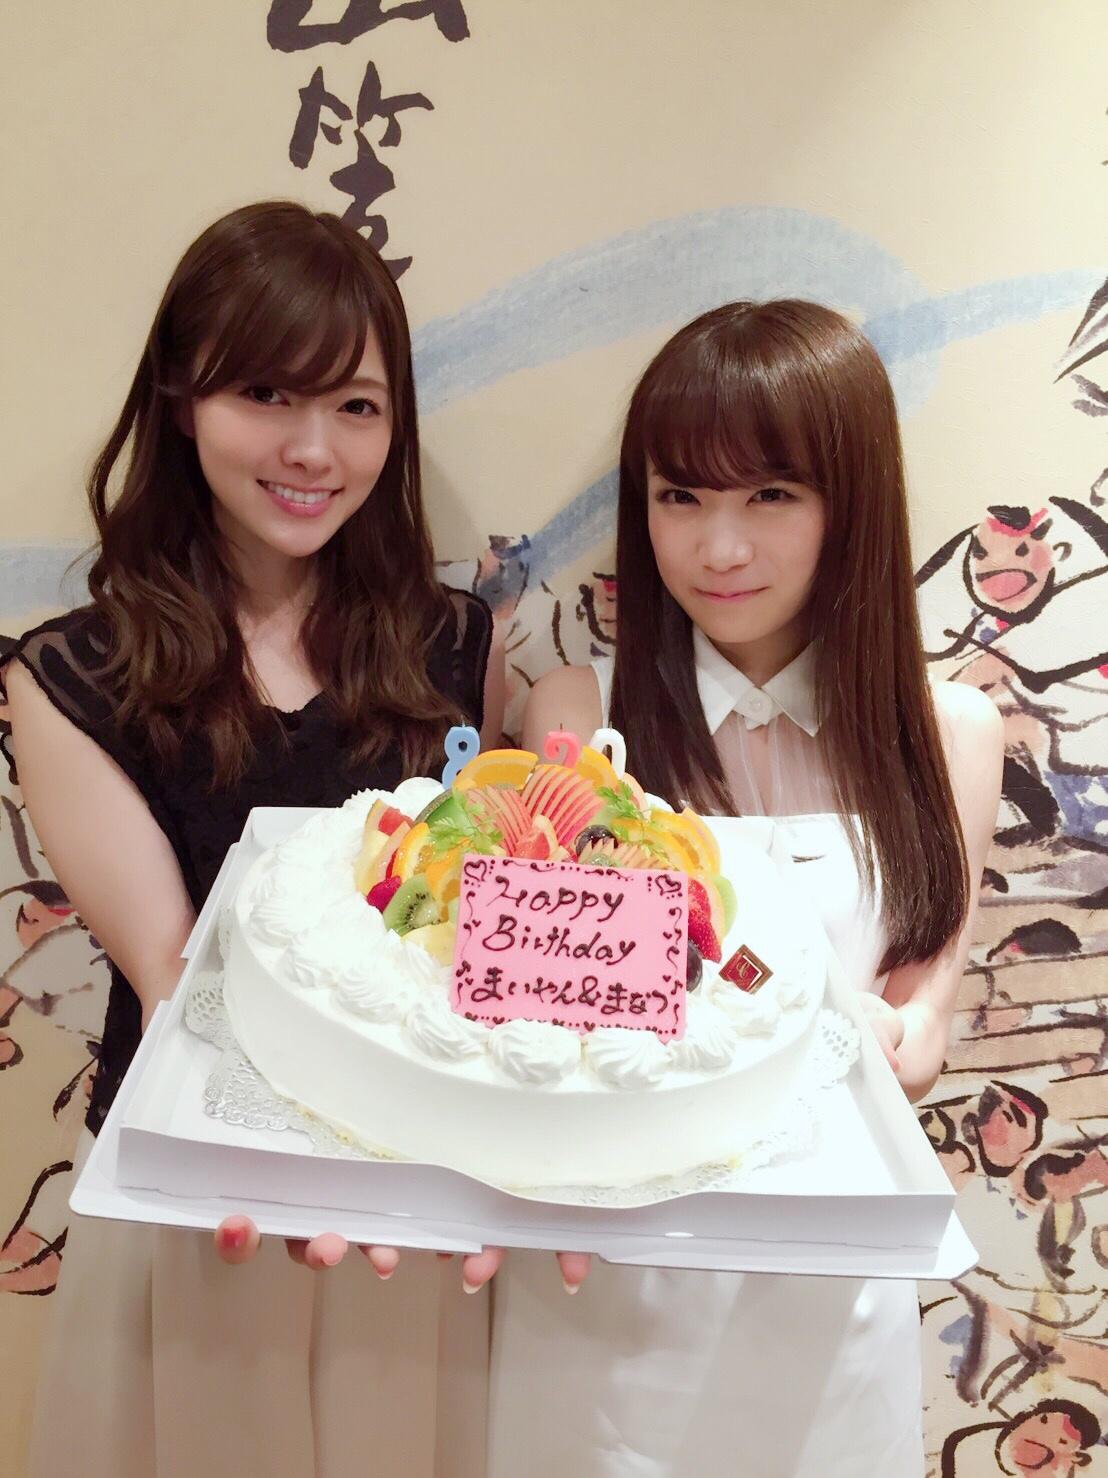 乃木坂46の人気メンバー、白石麻衣と秋元真夏が同じ誕生日(8月20日)で、福岡ライブを終えてホテルに帰ったらサプライズで2人そろってお祝いされたもよう。